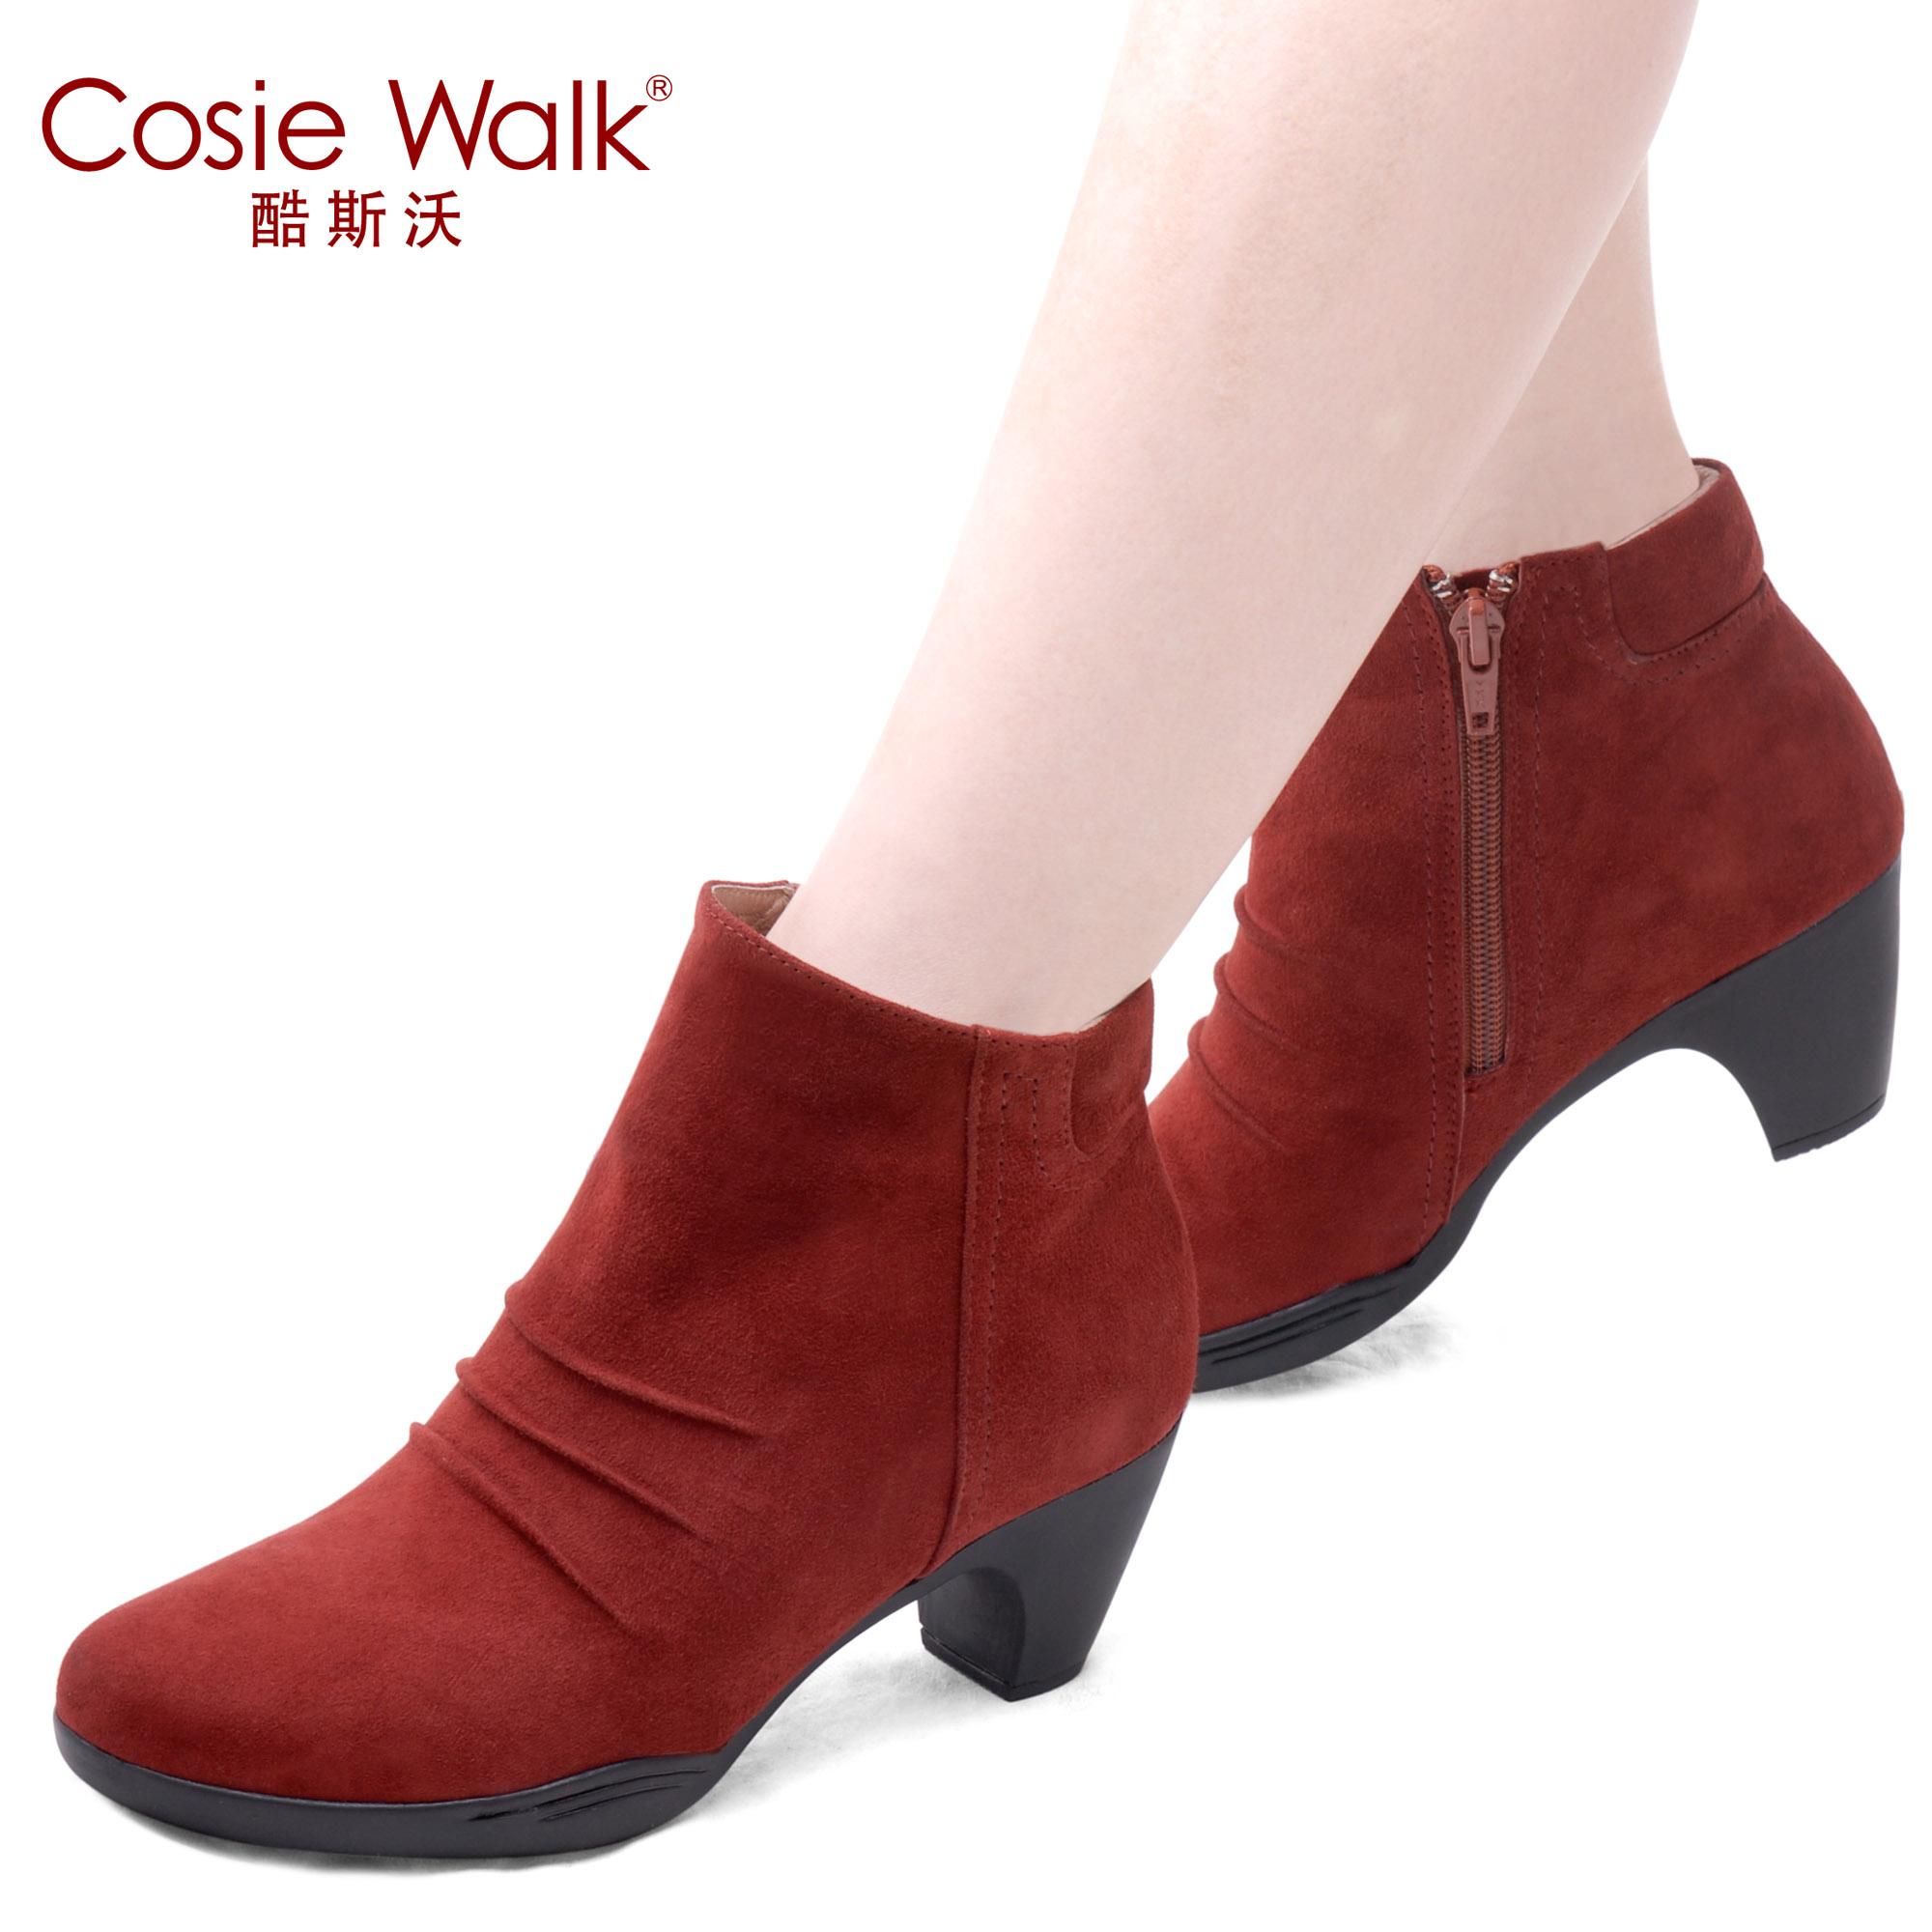 中跟短靴矮靴裸靴子2013新款秋冬棉毛靴欧美大码磨砂真皮粗跟女靴